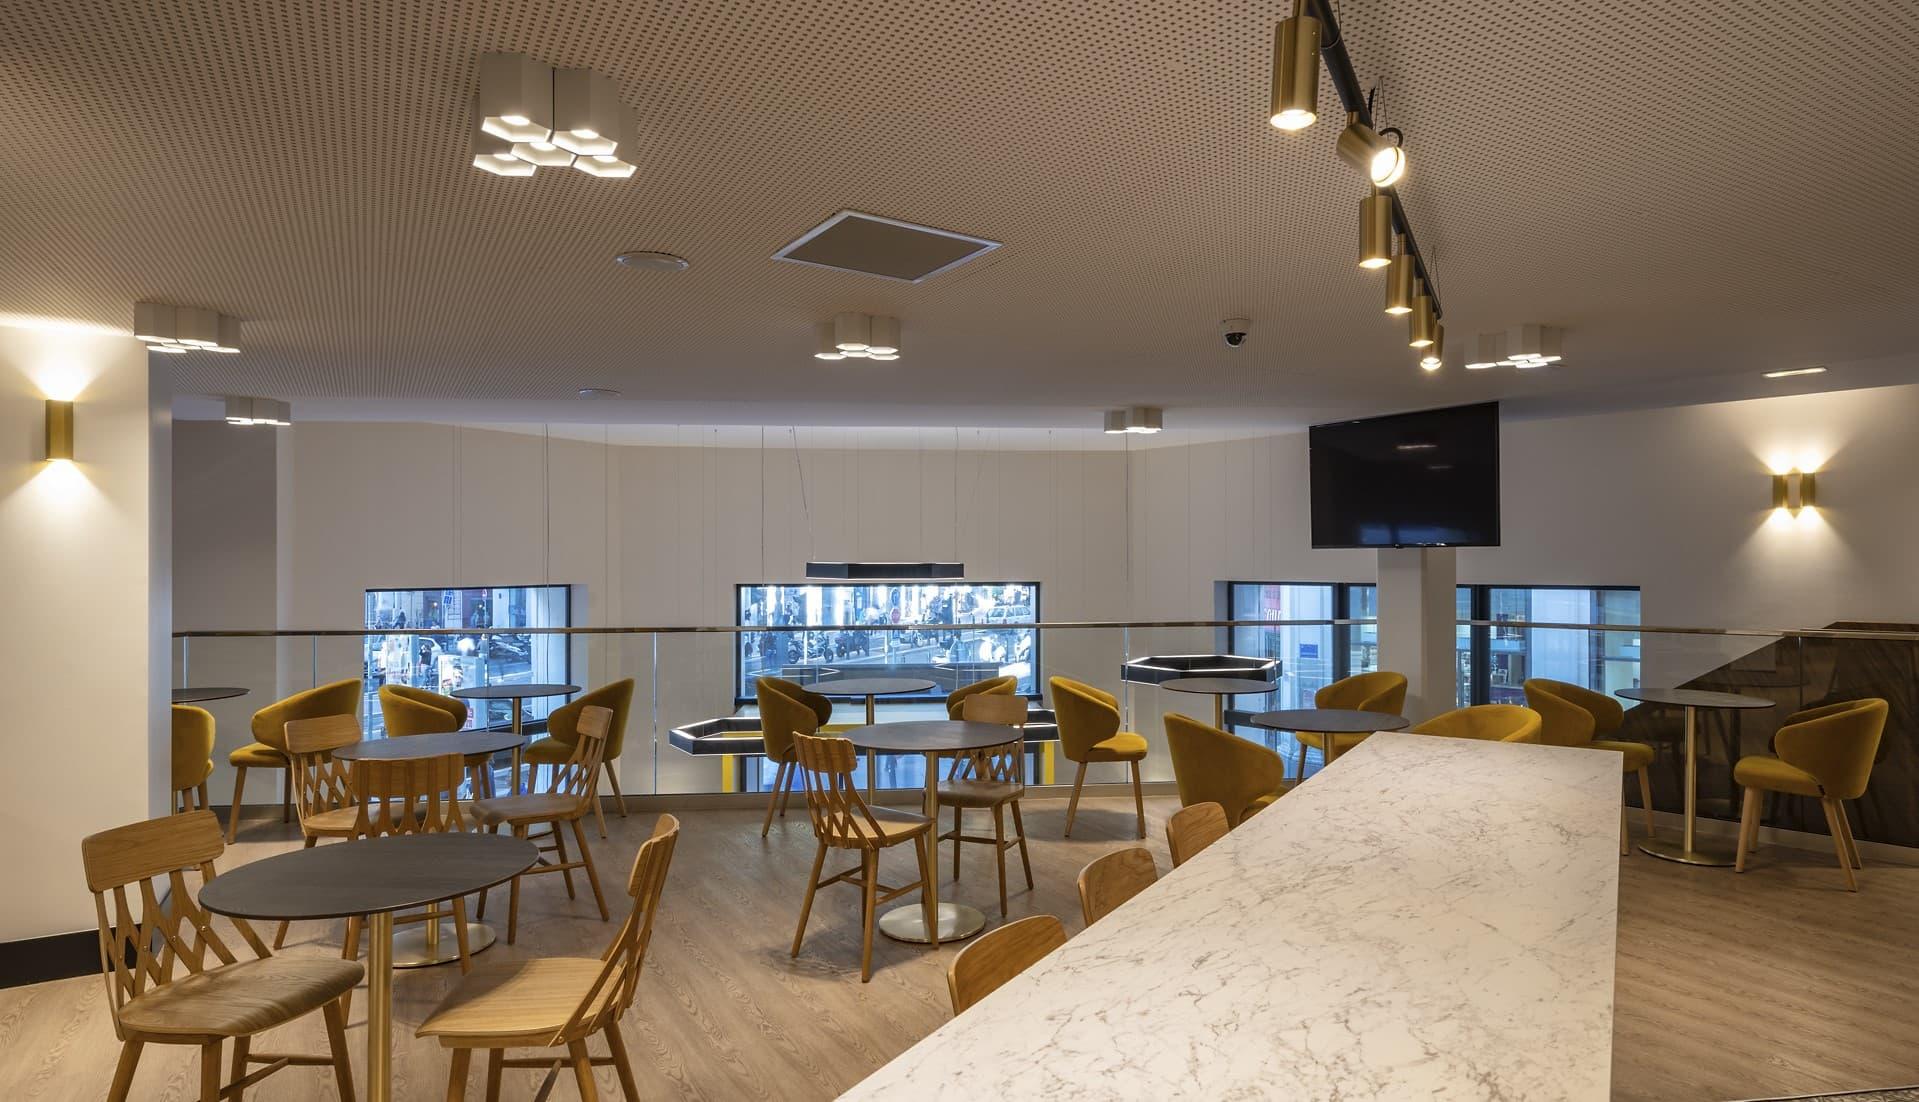 Plafonniers et spots sur rails magnétiques dans le restaurant et cafétéria dans l'Hôtel Mercure Les Feuillants